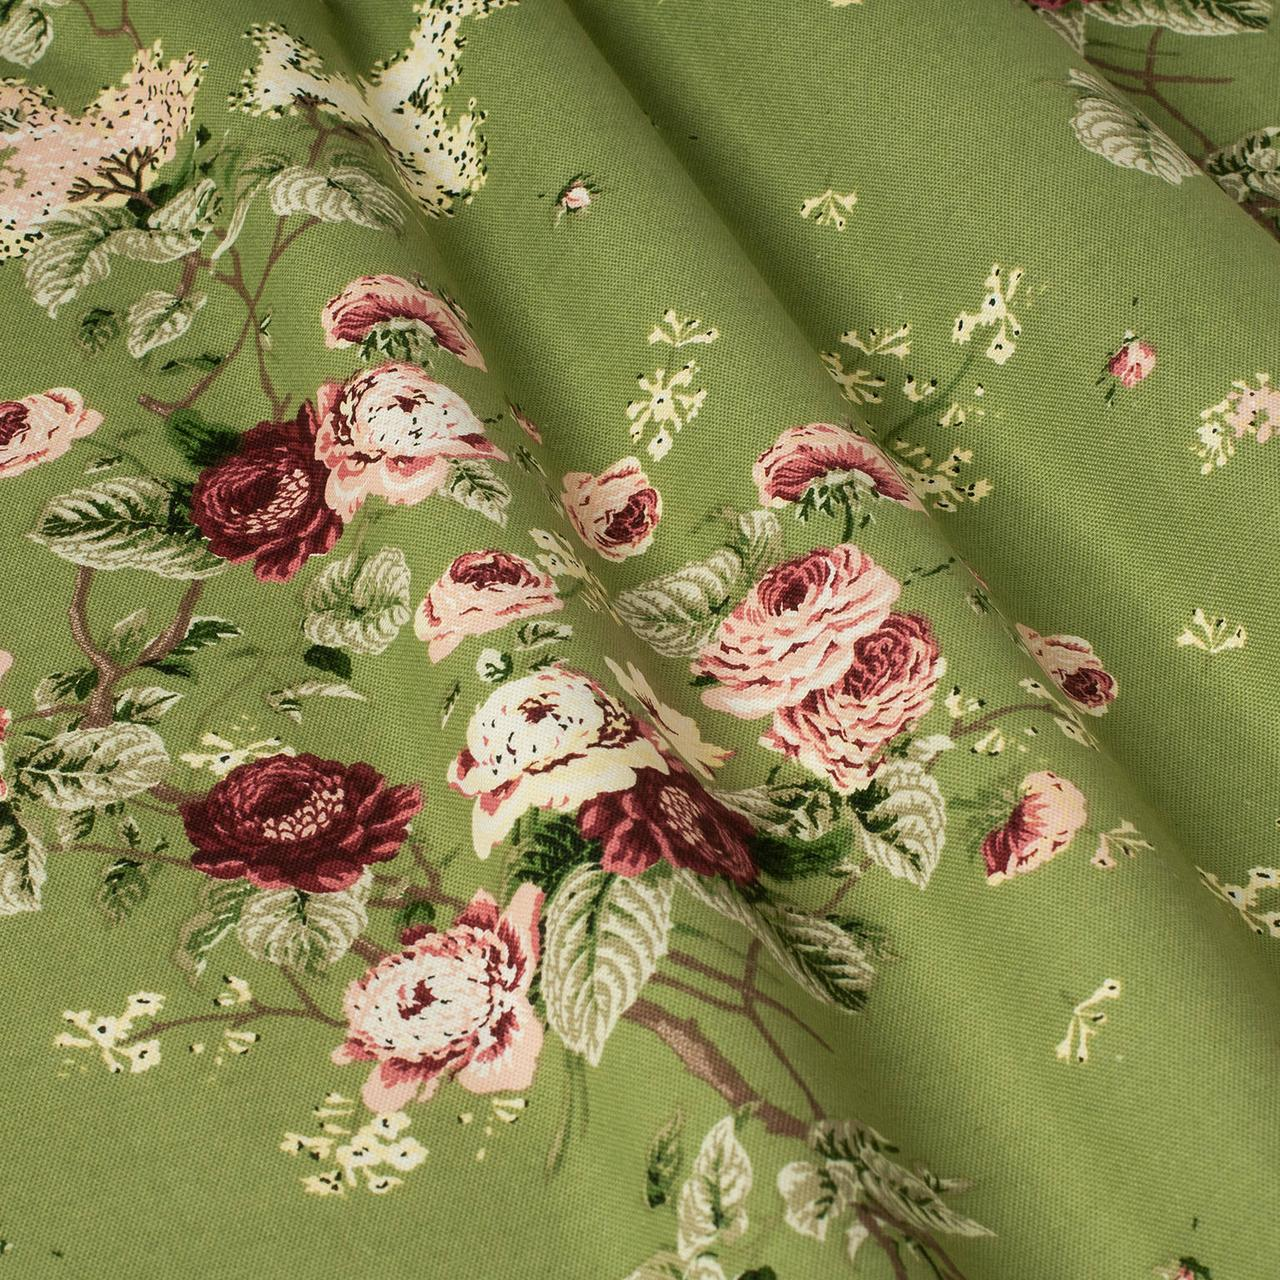 Декоративна тканина квіти на зеленому тлі Туреччина 87978v10